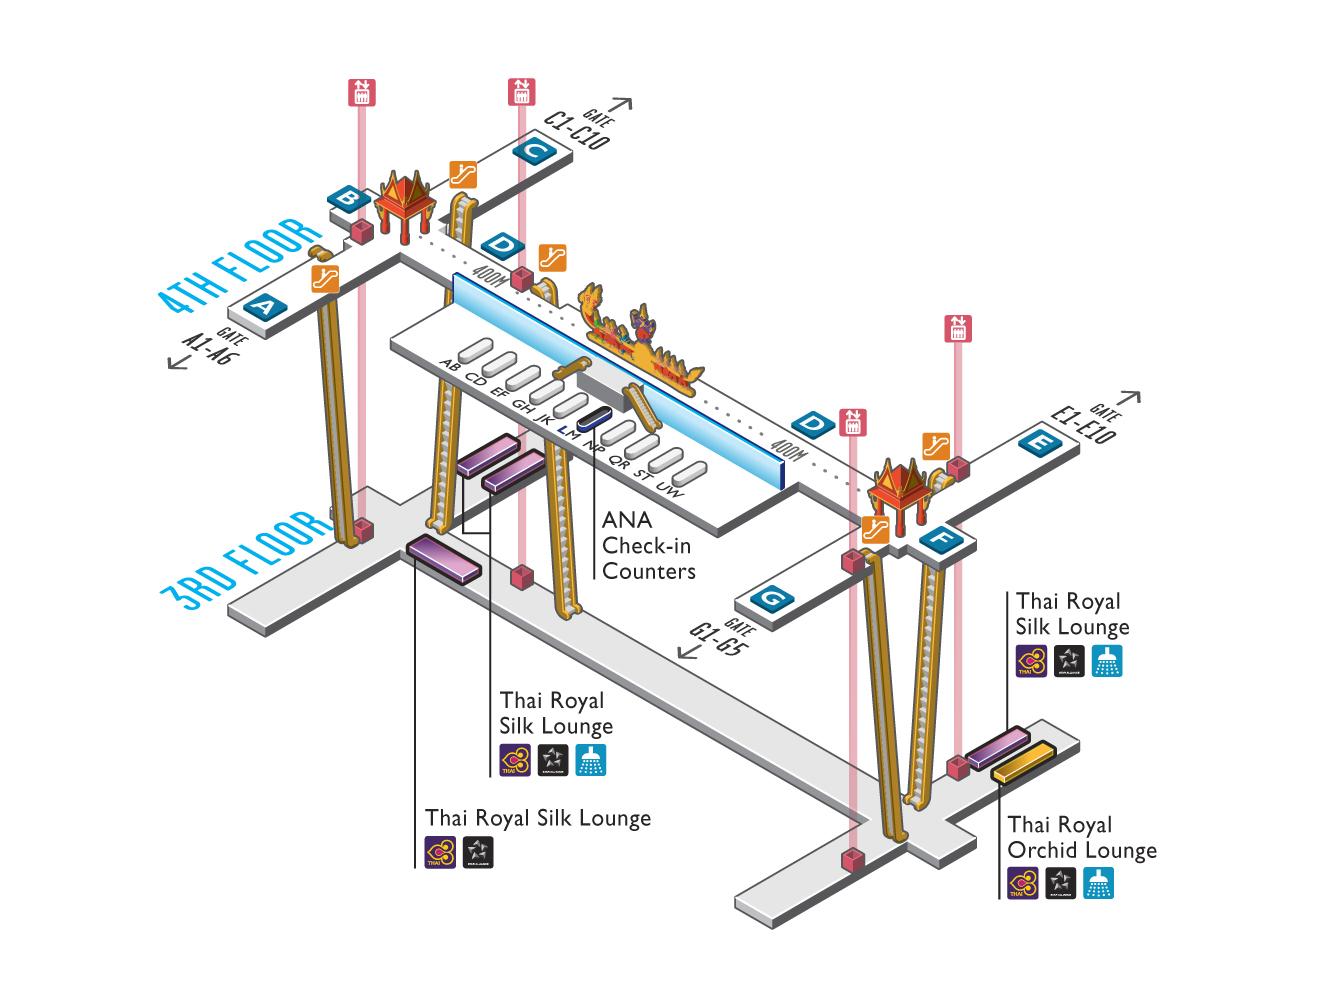 Lounge map